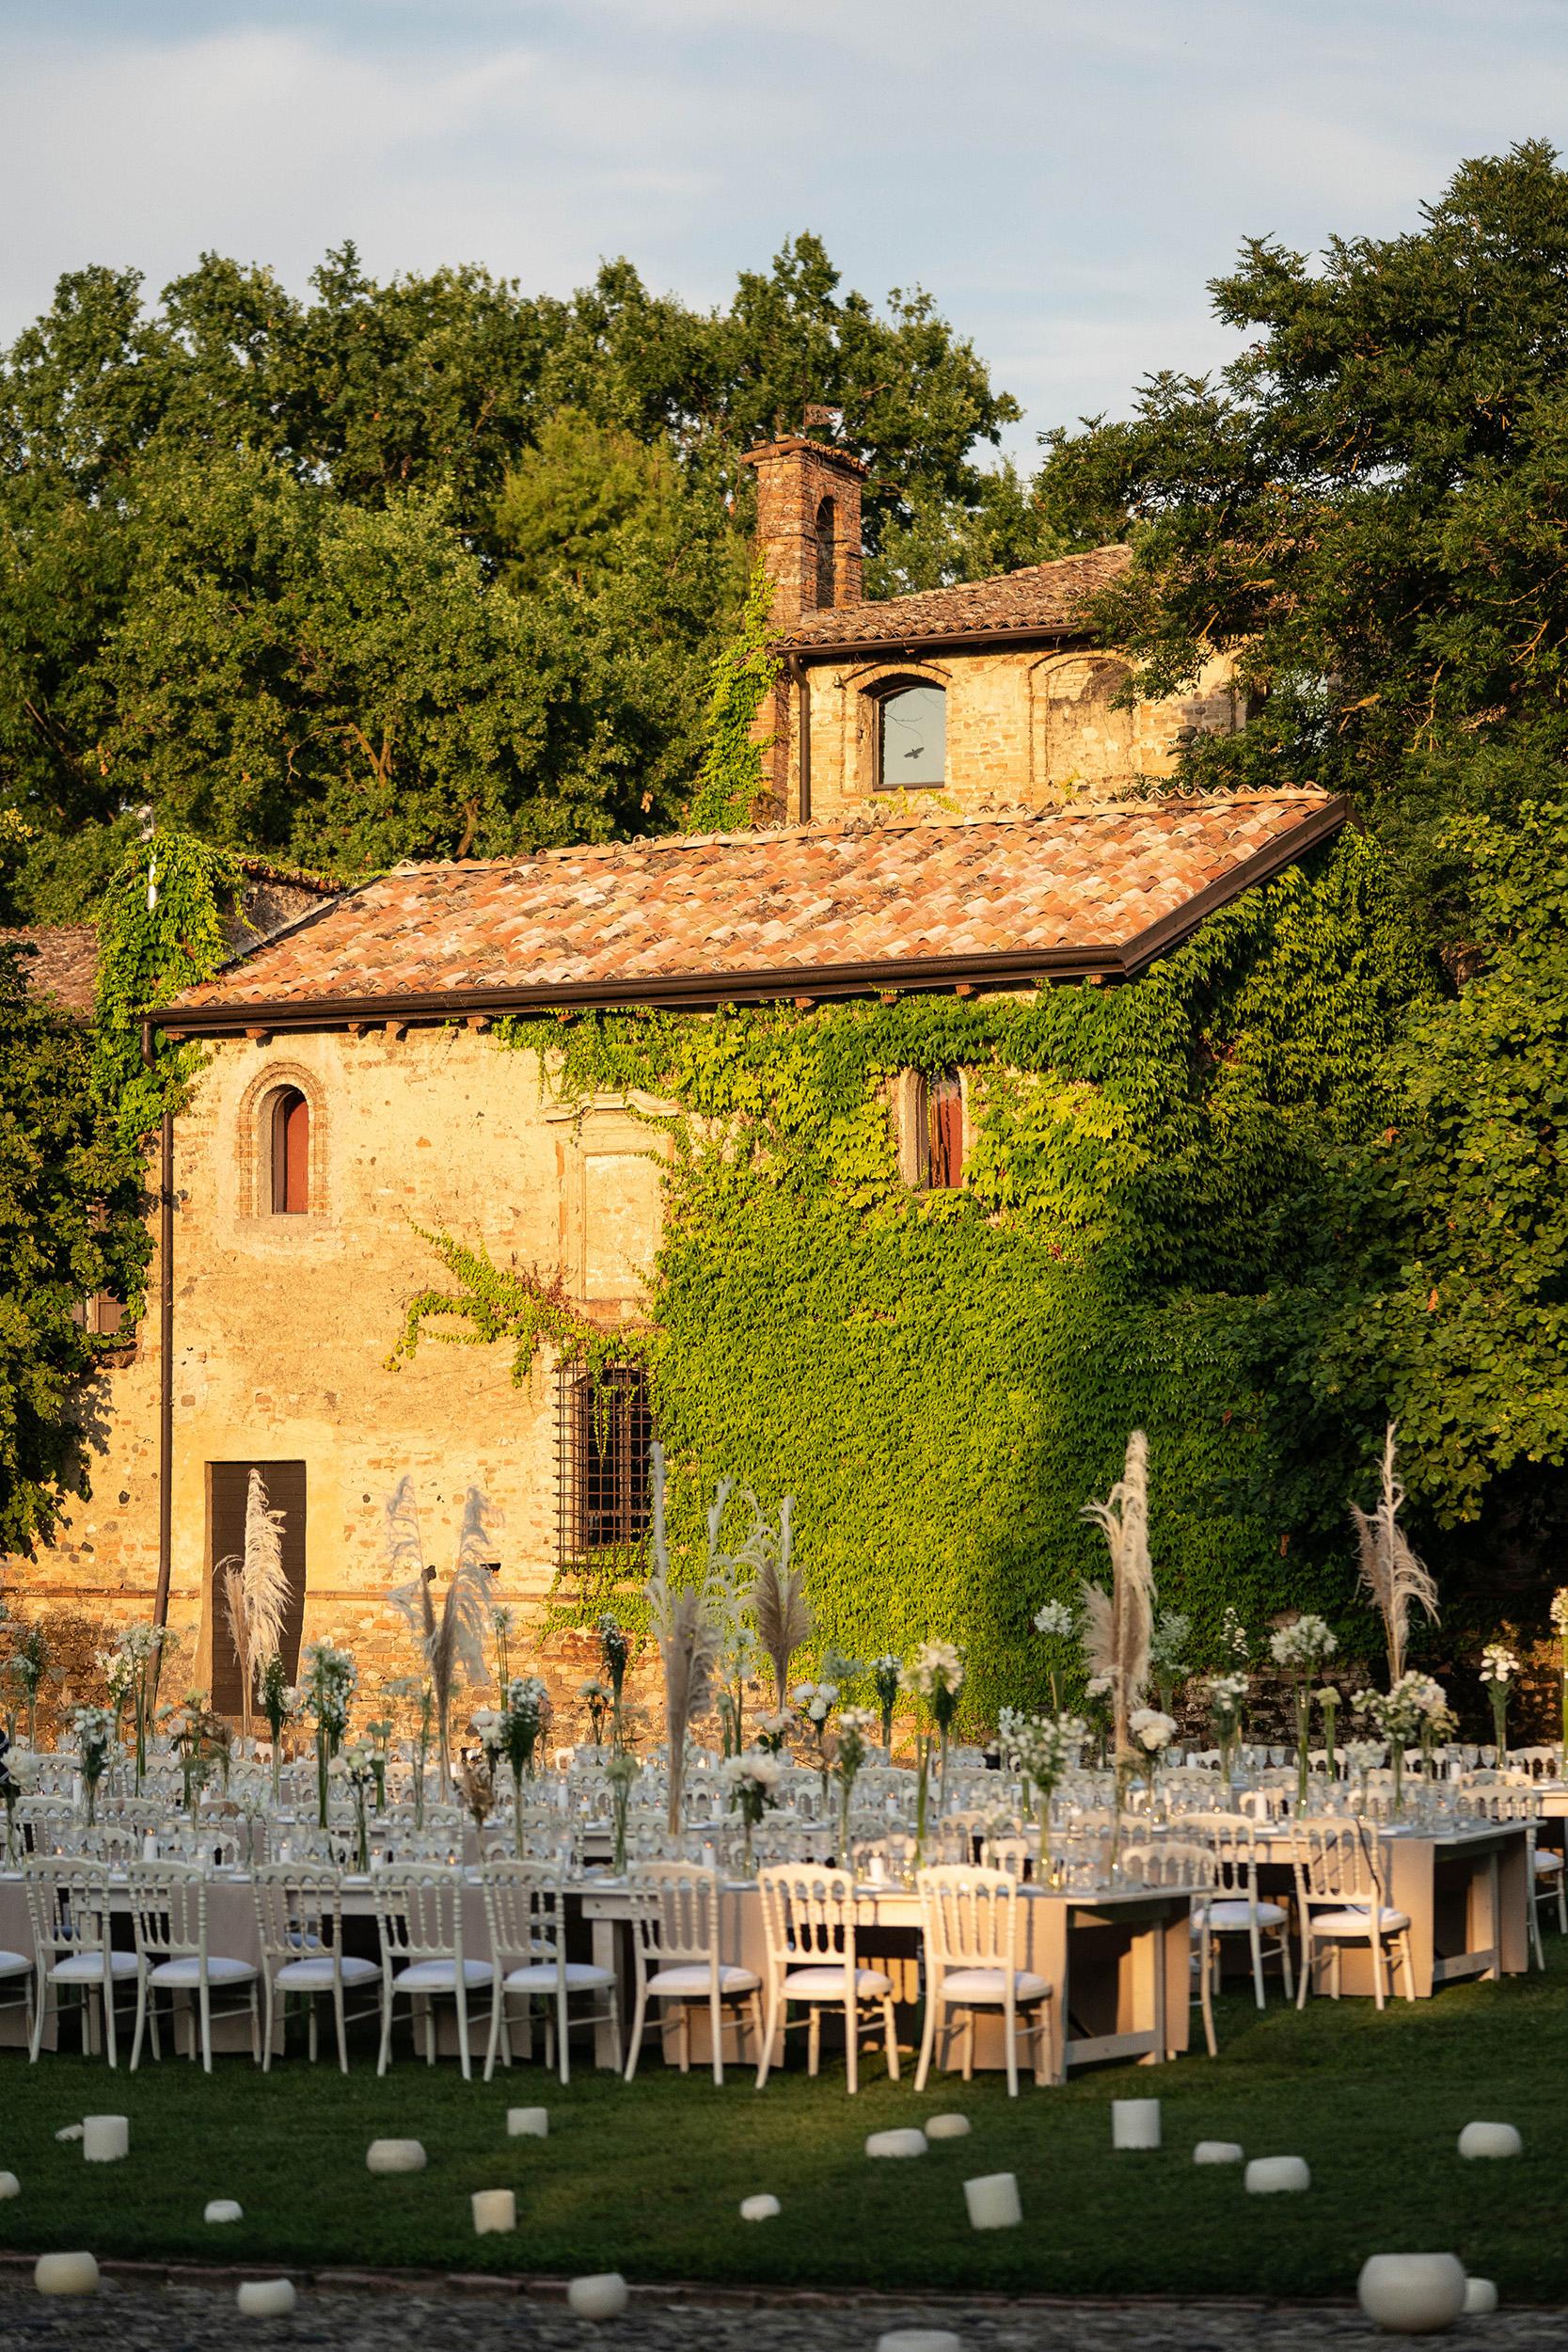 069gilbertiricca_castellodipaderna_fotografomatrimonio2019_vl